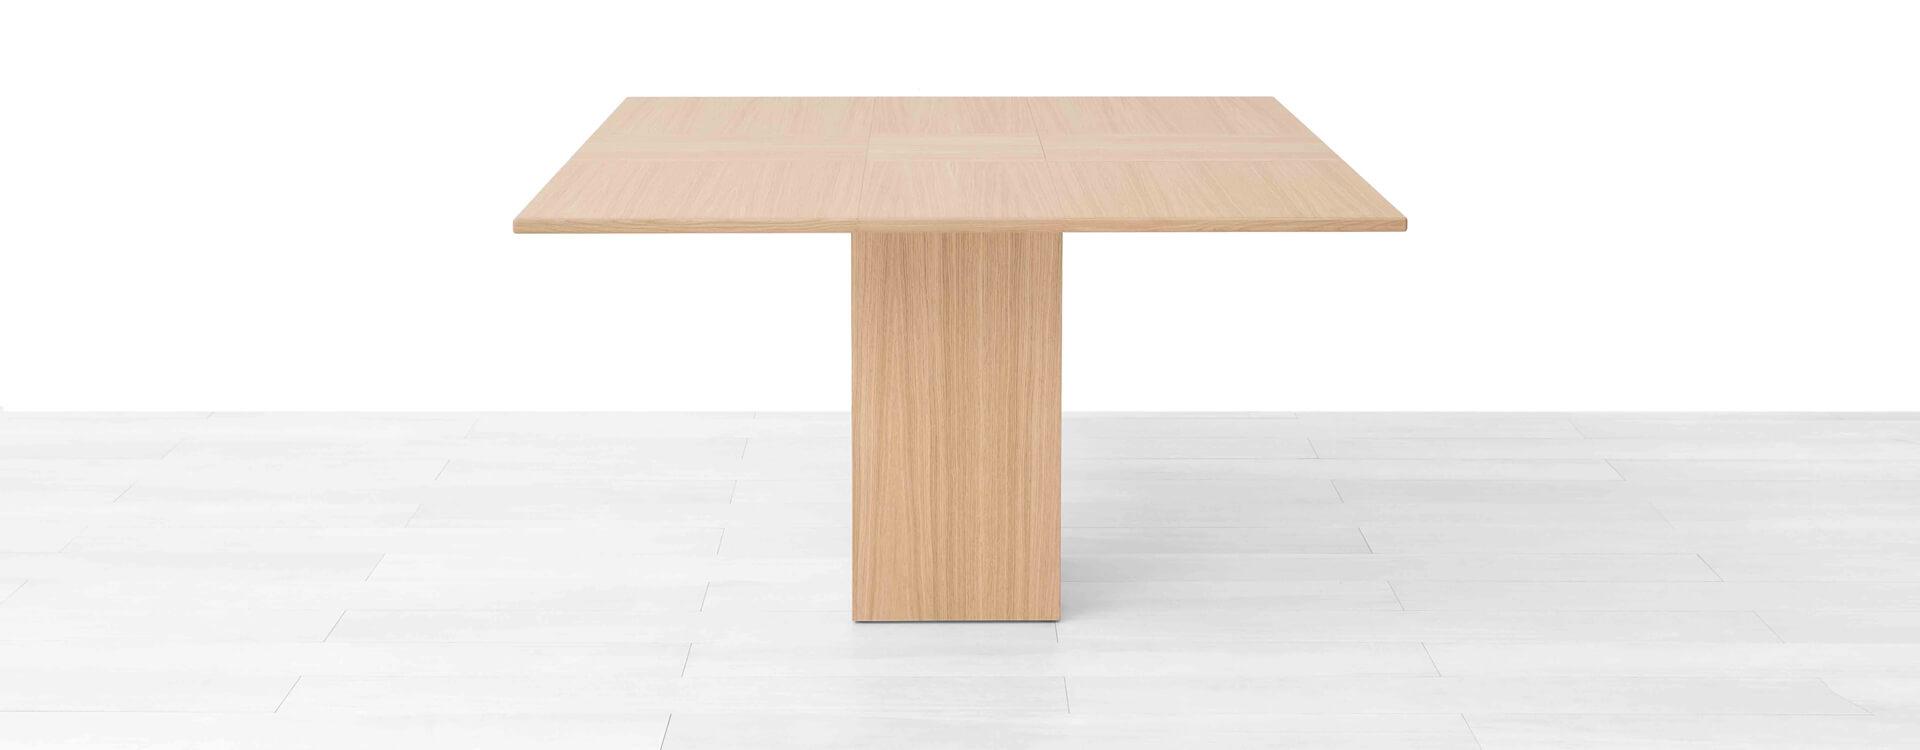 Tavolo quadrato allungabile lg lesmo - Tavolo quadrato 100x100 allungabile ...